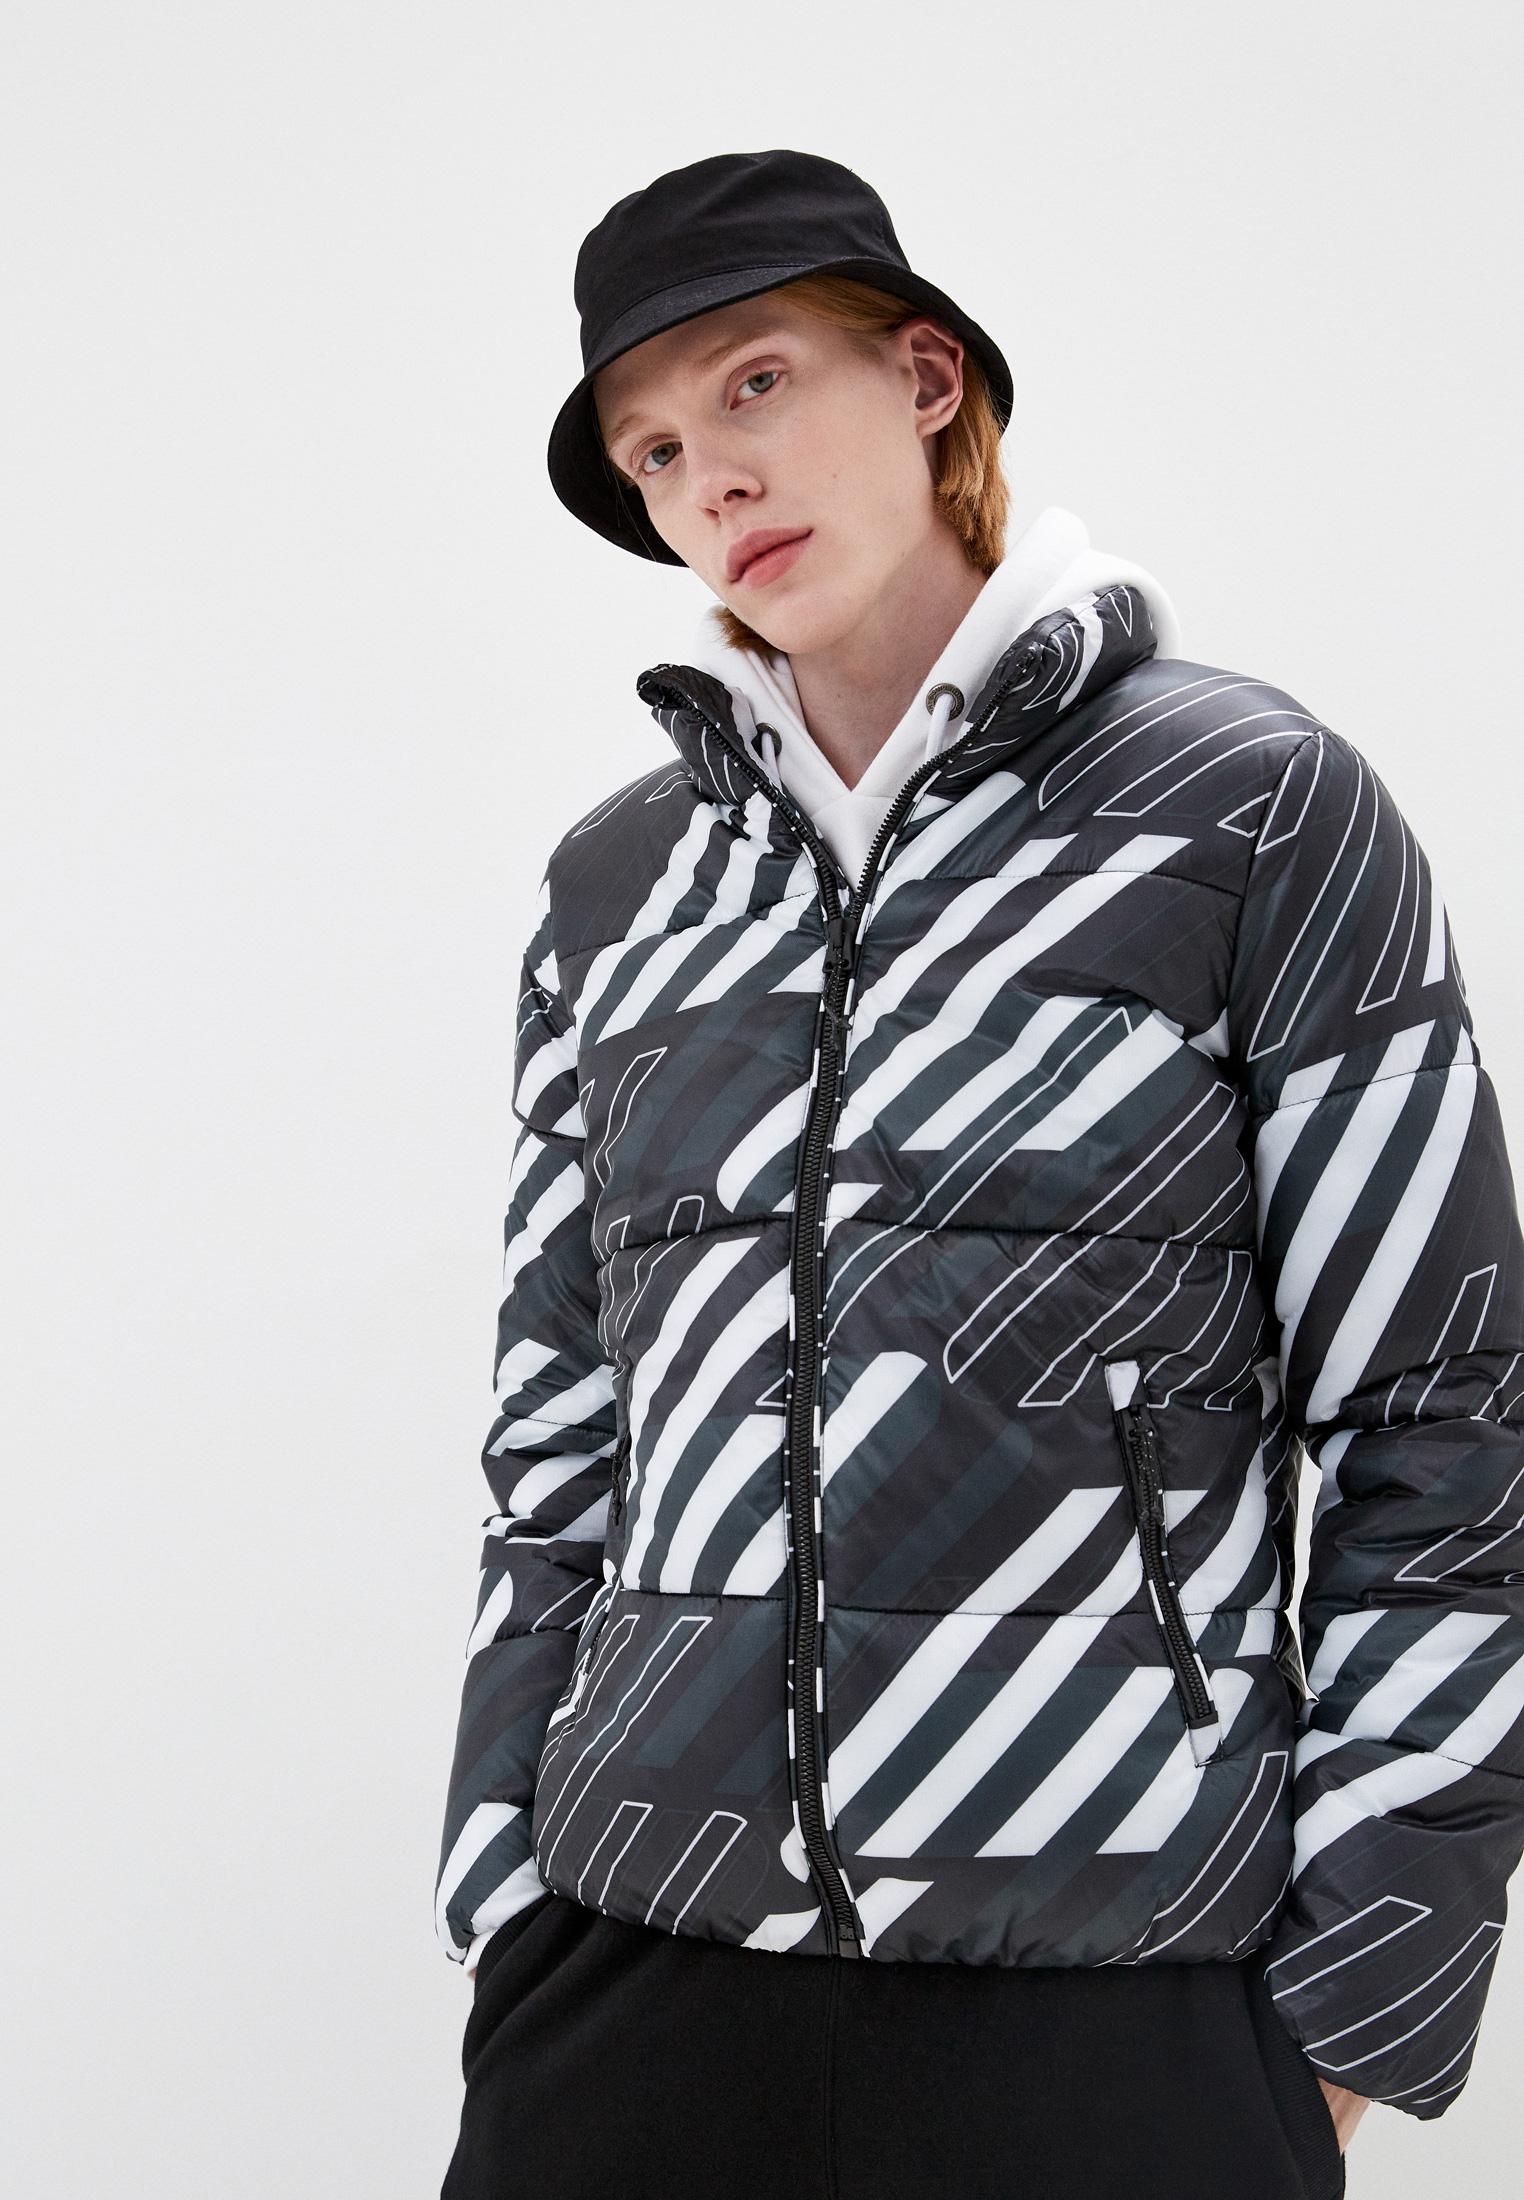 Утепленная куртка Superdry Куртка утепленная Superdry